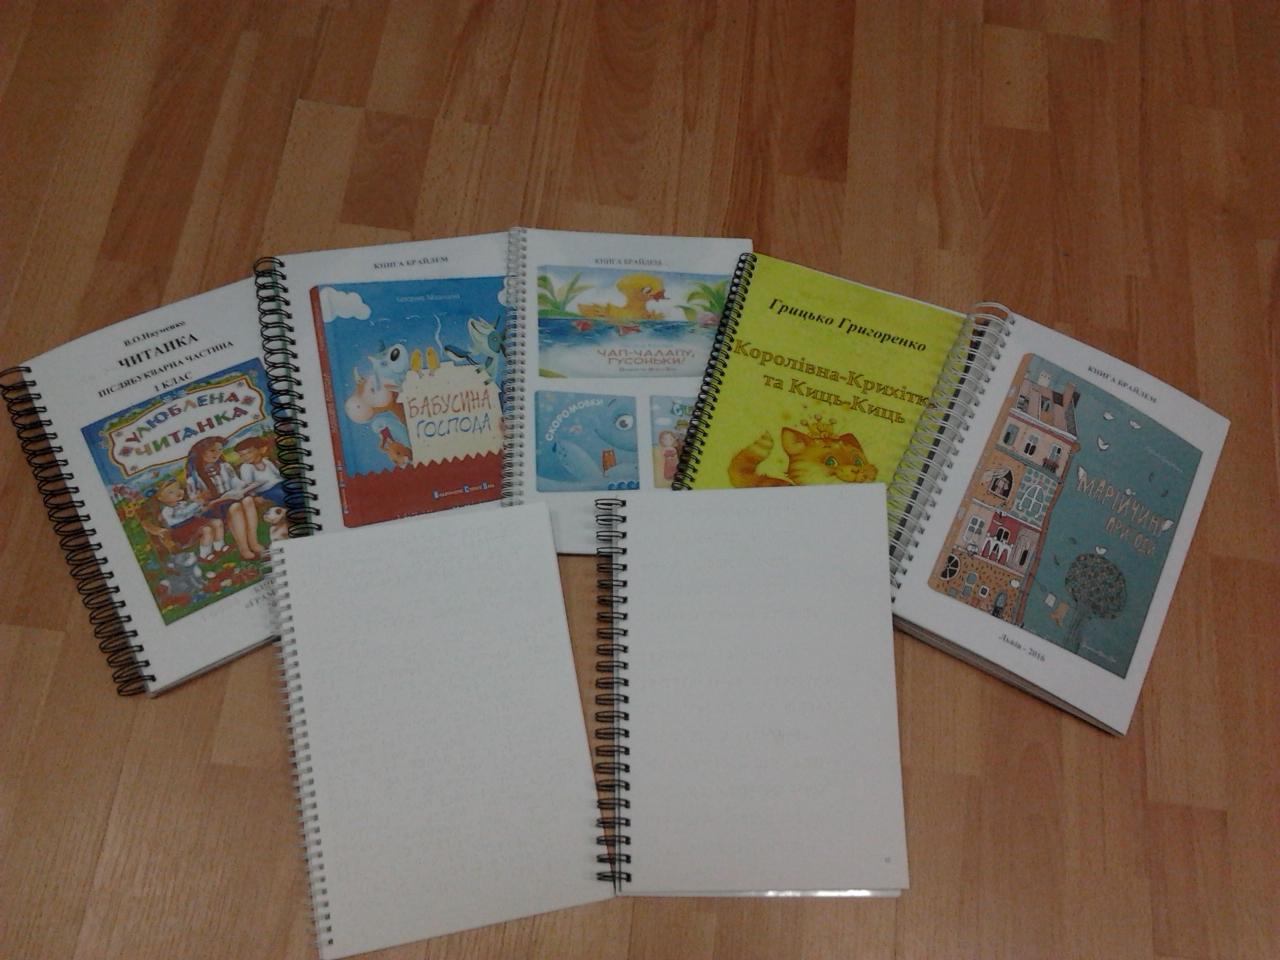 Книги брайлем, надруковані в Ресурсному центрі ЛП - Королівна, Чап-чалапу, Бабусина господа, Марійчині пригоди